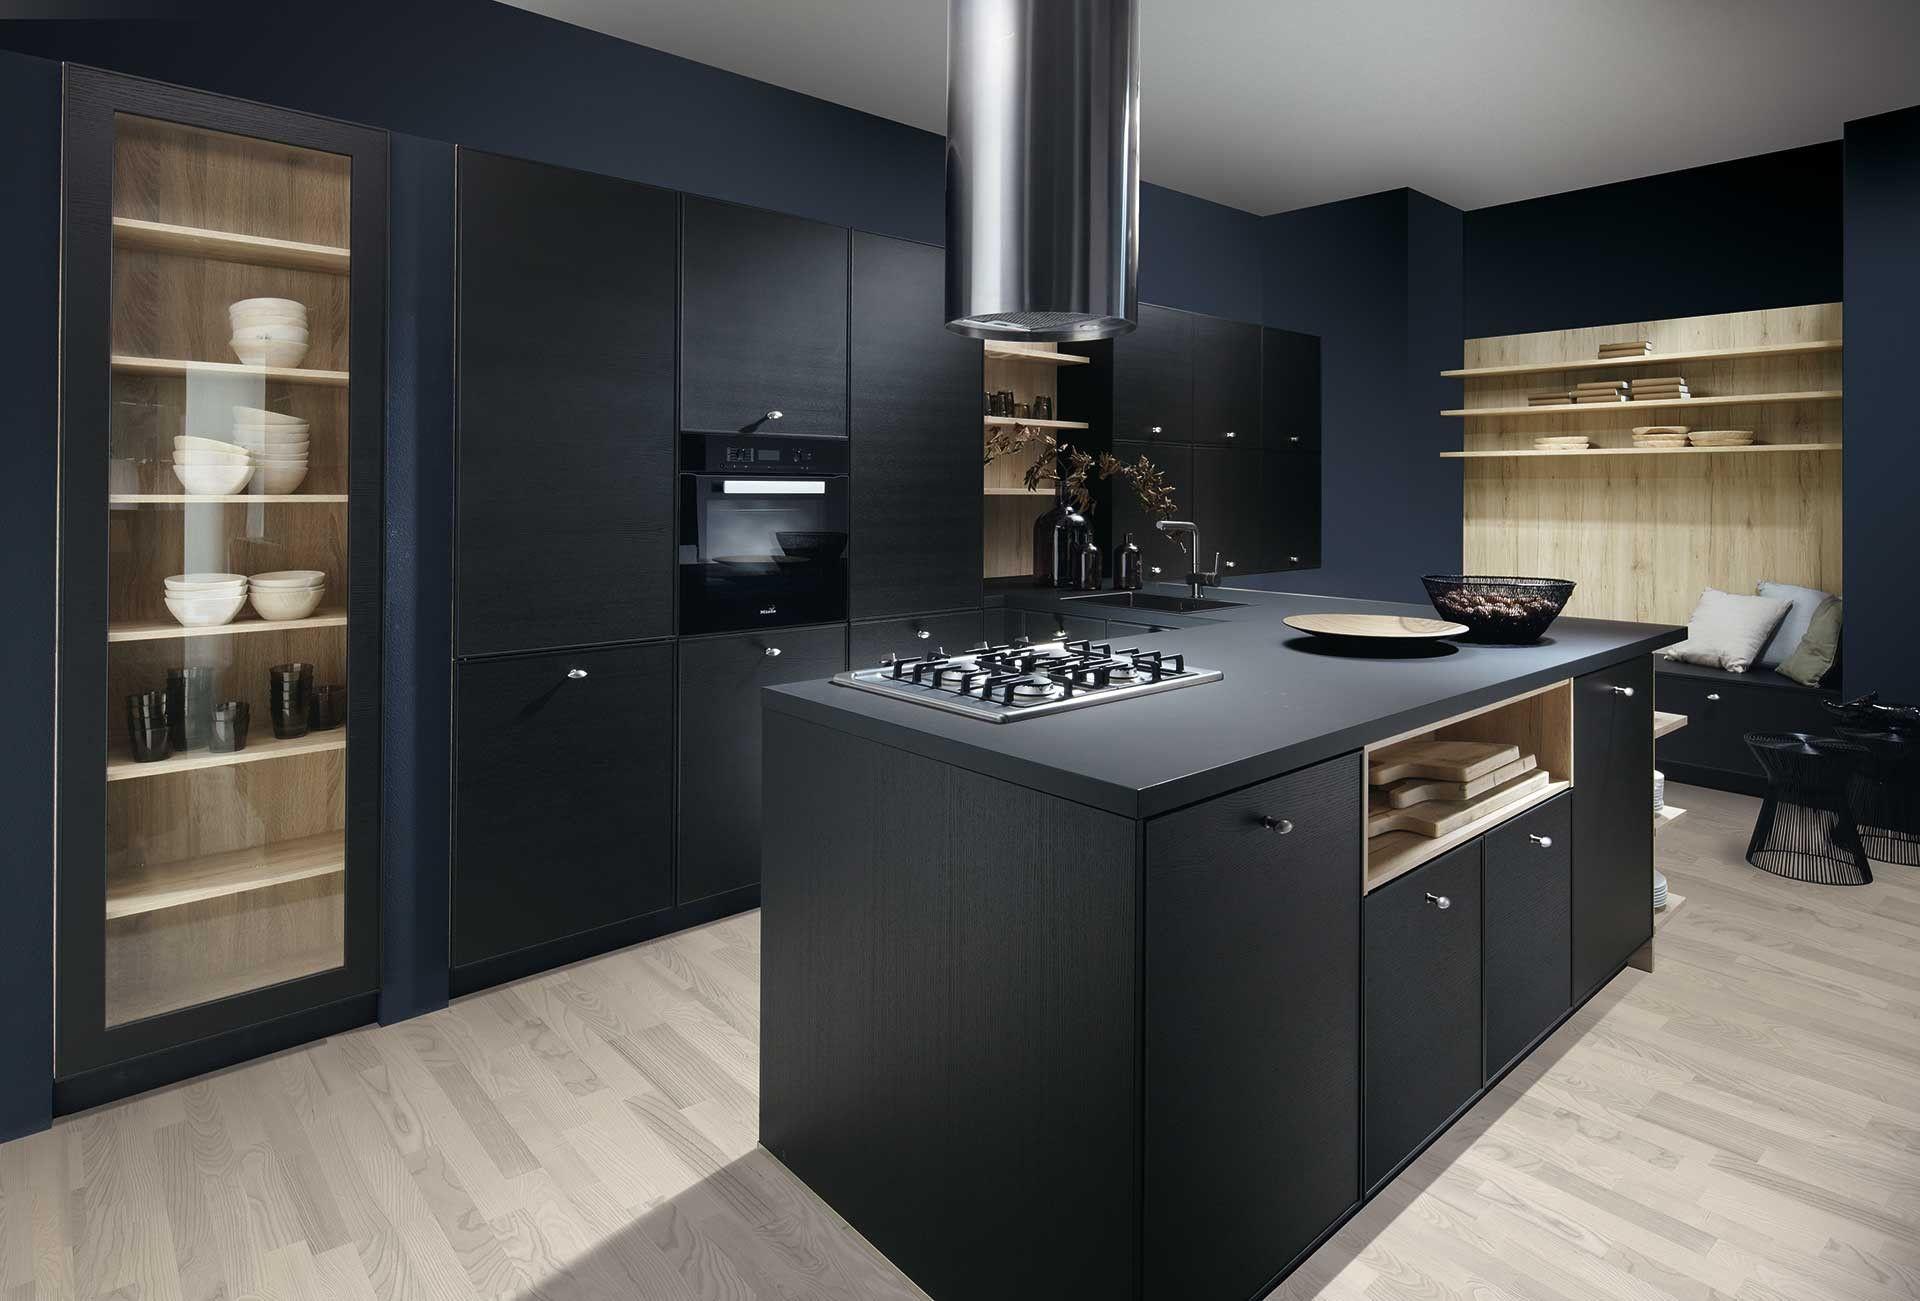 Meer dan 1000 afbeeldingen over moderne keukens op pinterest ...